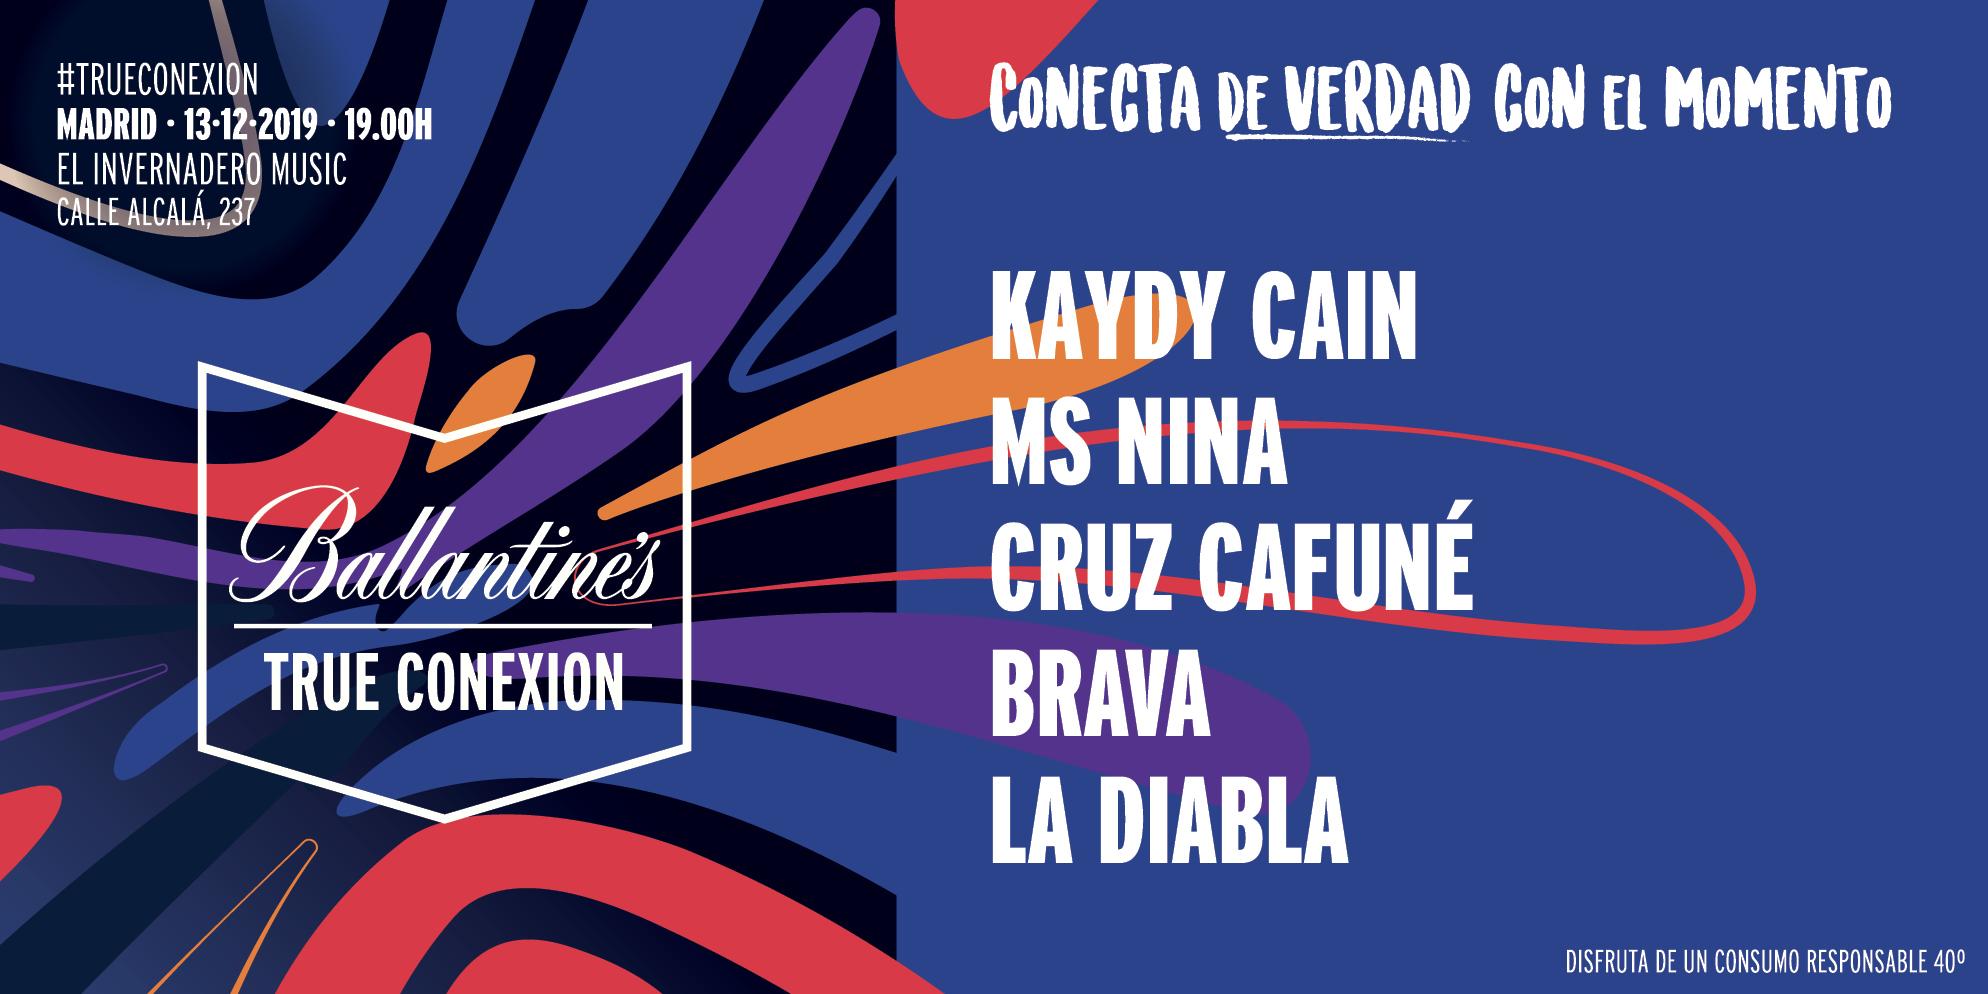 Ballantines True Conexion Madrid Invernadero Ballantines Kaydy Cain Ms Nina Cruz Cafuné Brava La Diabla